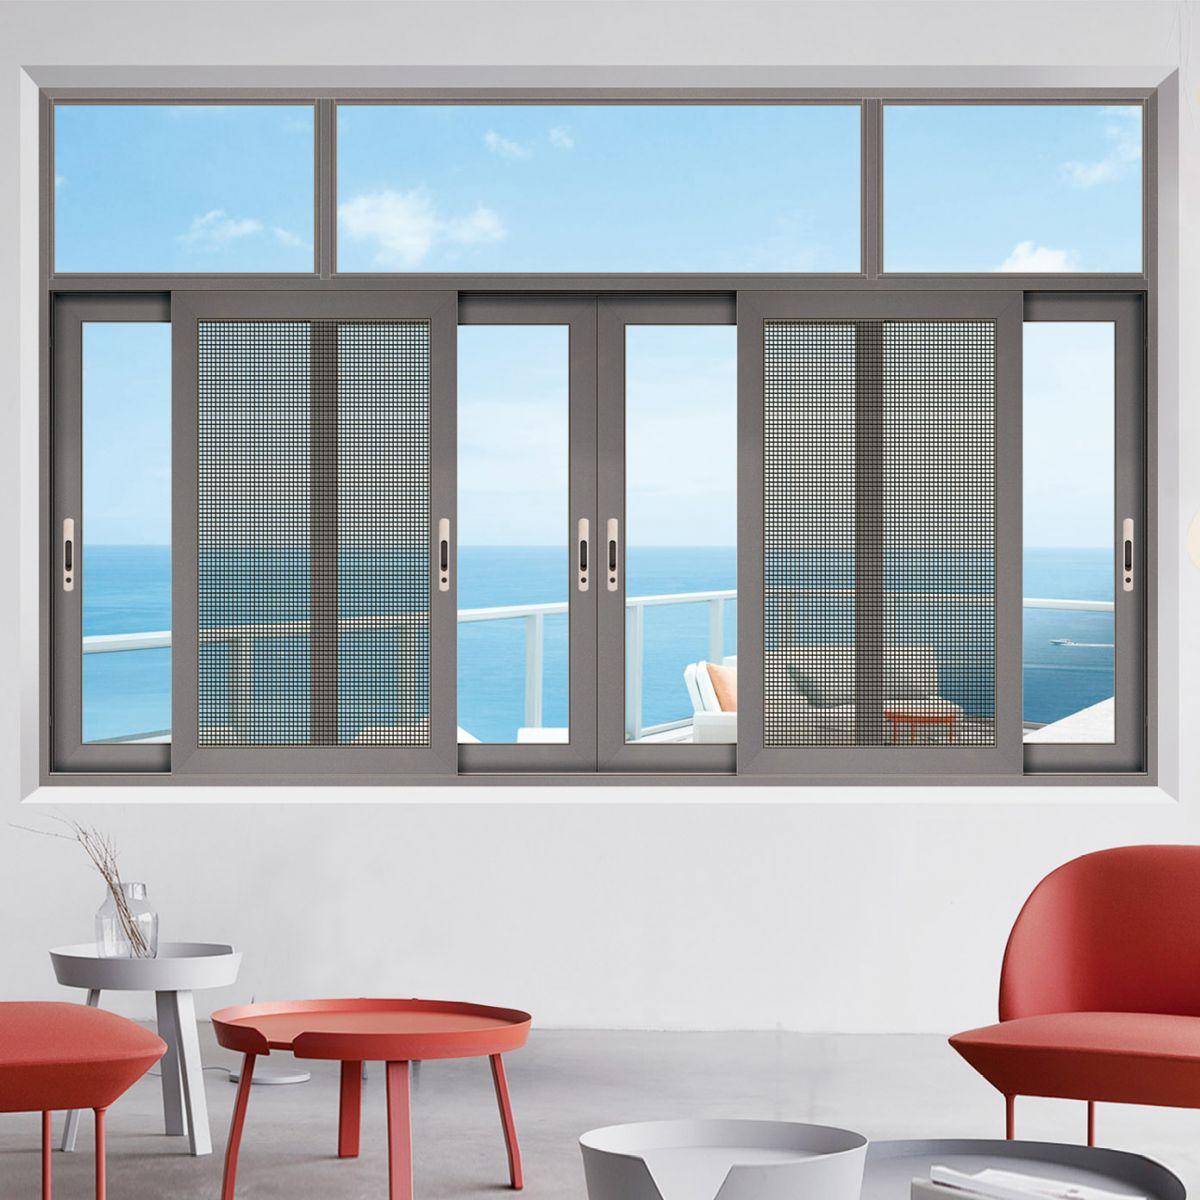 断桥推拉窗和平开窗到底该选哪个呢?(图4)